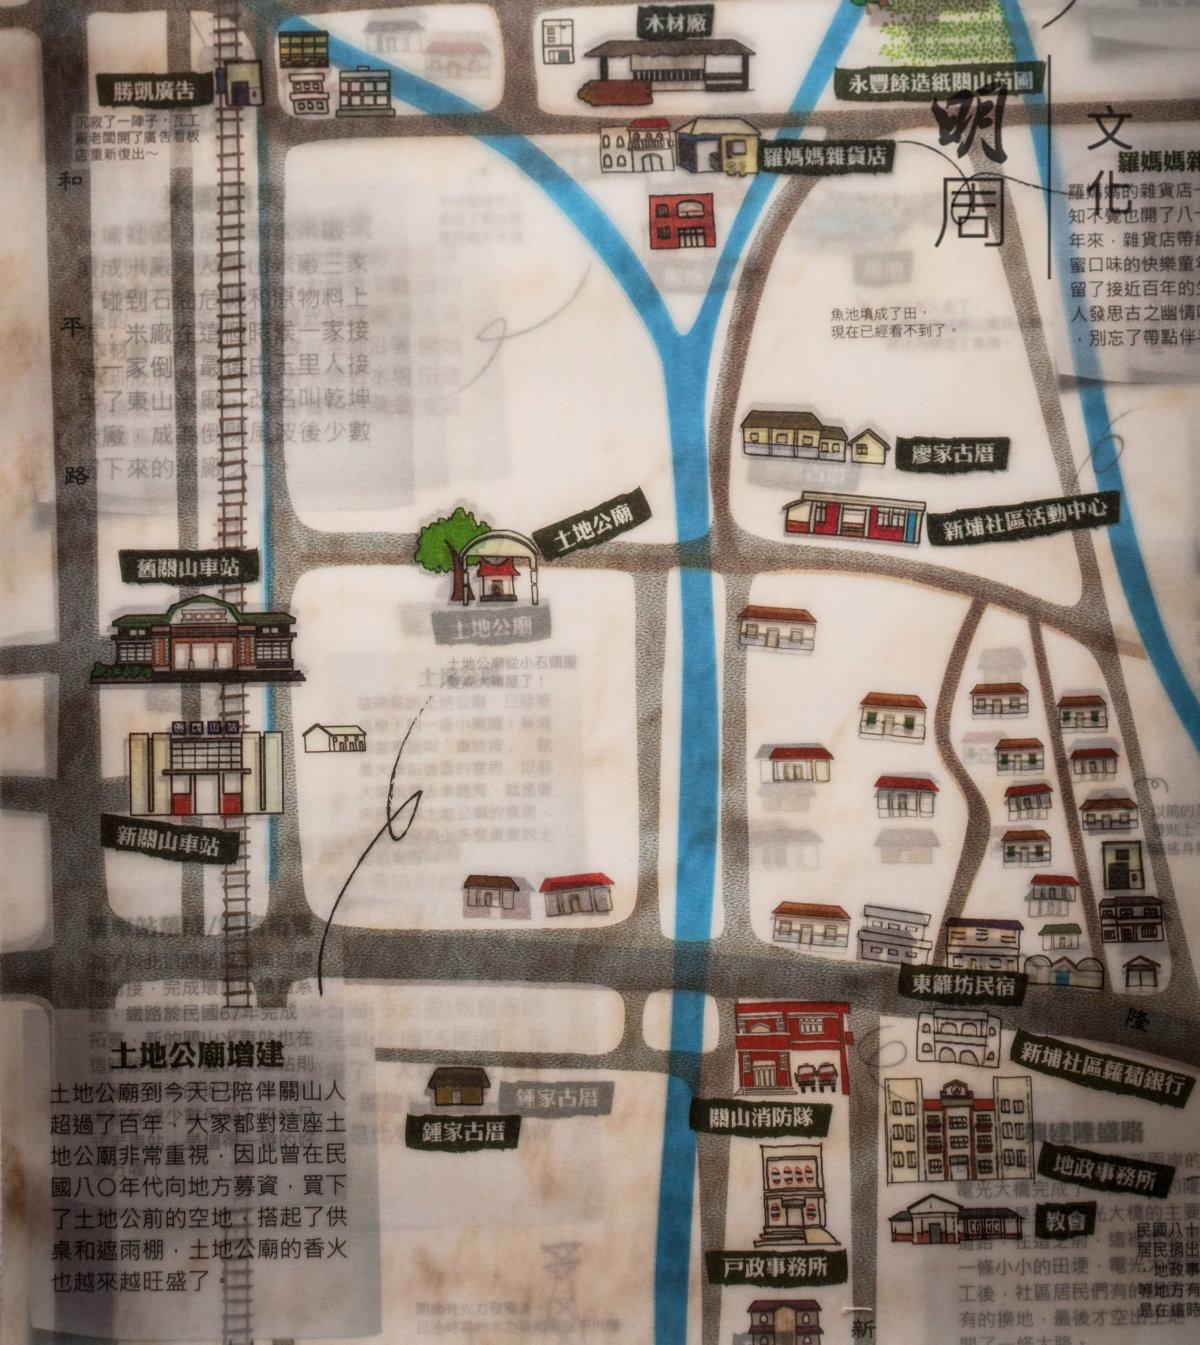 一個以前叫做「車路背」的客家社區,恍如台灣經濟發展史的縮影,還有關山米的 稻田守護大地......郭麗萍將新埔社區發展年代分四個時期,透過建築描圖紙疊圖設 計的手法呈現歷史時空的深度。